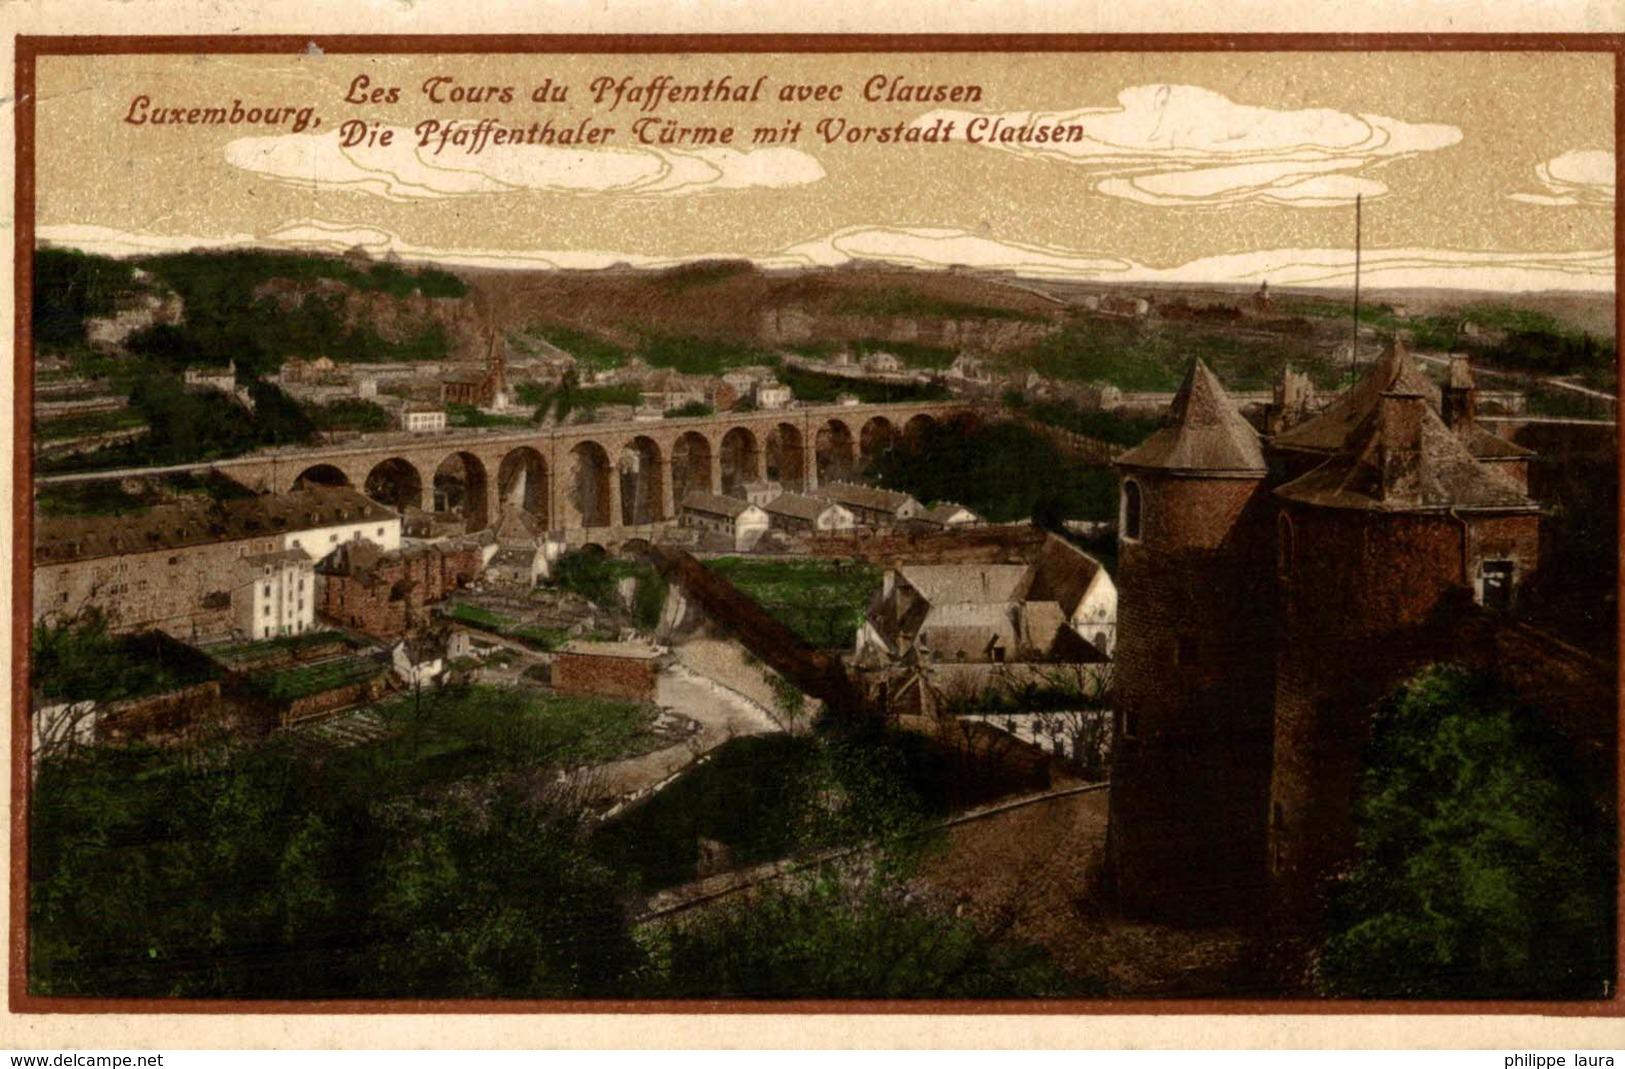 LES TOURS DU PFAFFENTHAL AVEC CLAUSEN      LUXEMBOURG  LUXEMBOURG  LUXEMBURG LUZEMBURGO - Postales